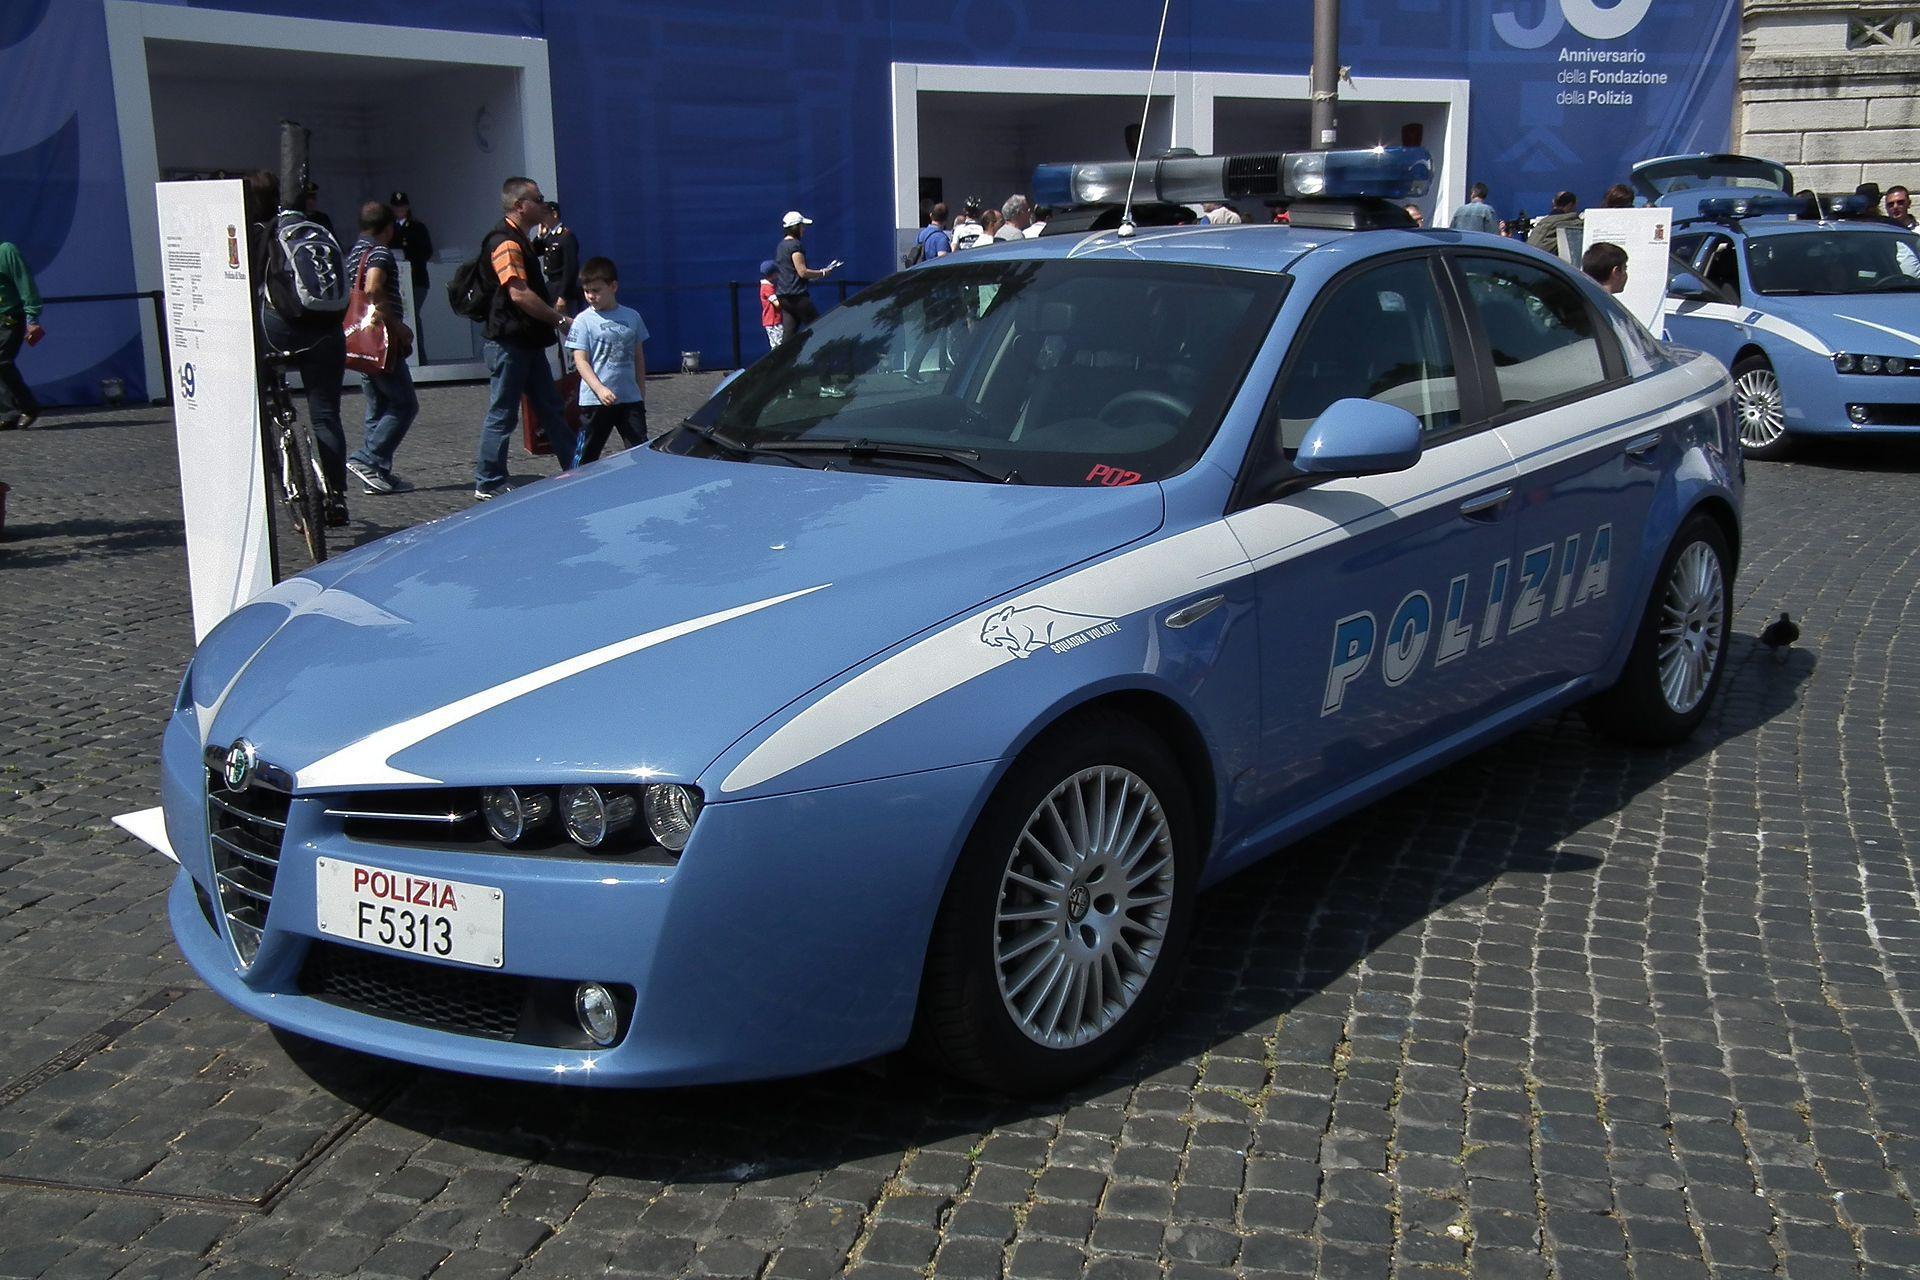 """Italia a trimis pe capul României un violator în serie. Multiplul infractor este socotit """"pericol public"""" în(...)"""